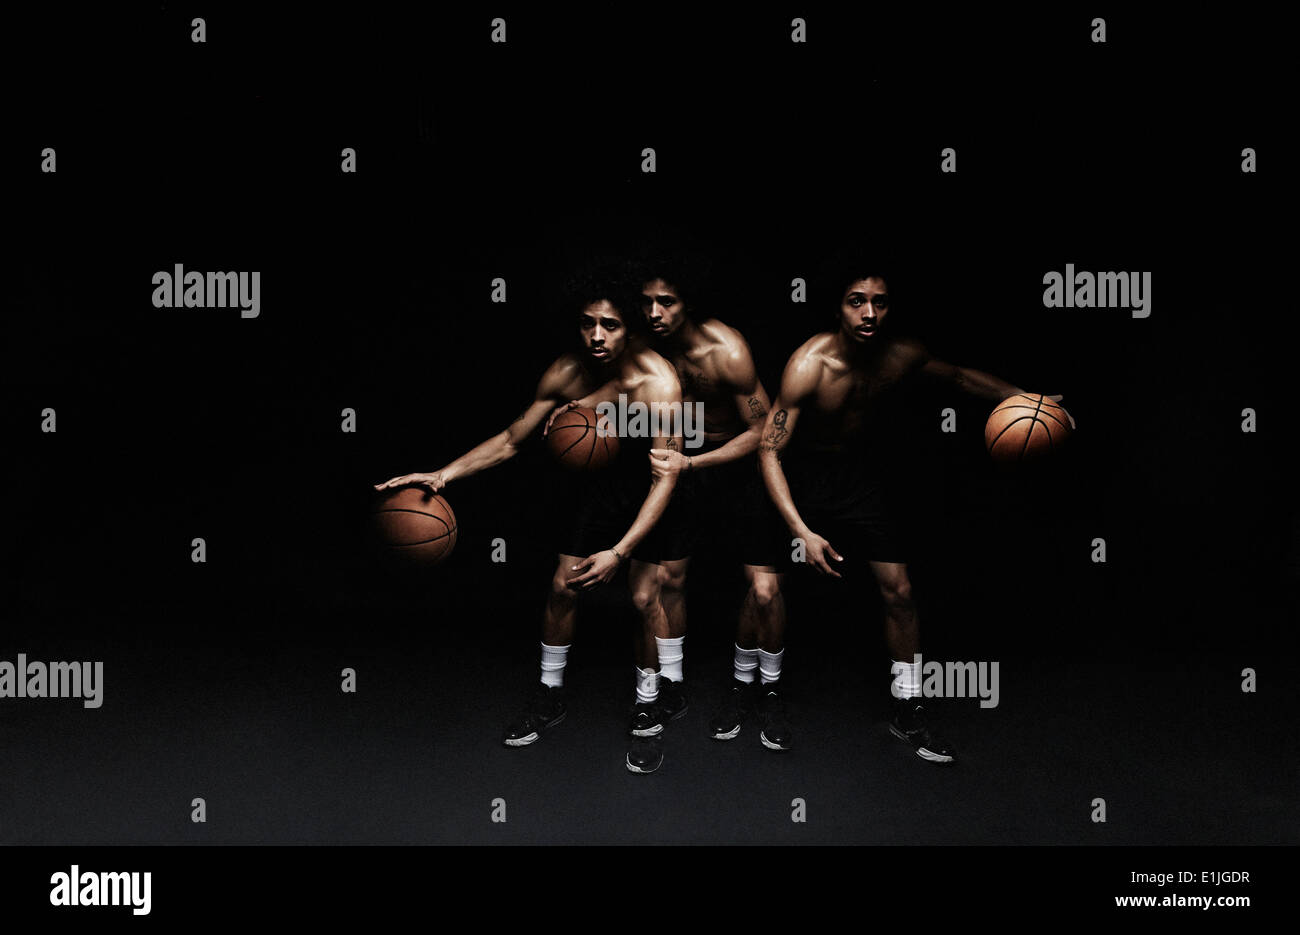 Basketball player playing basketball - Stock Image